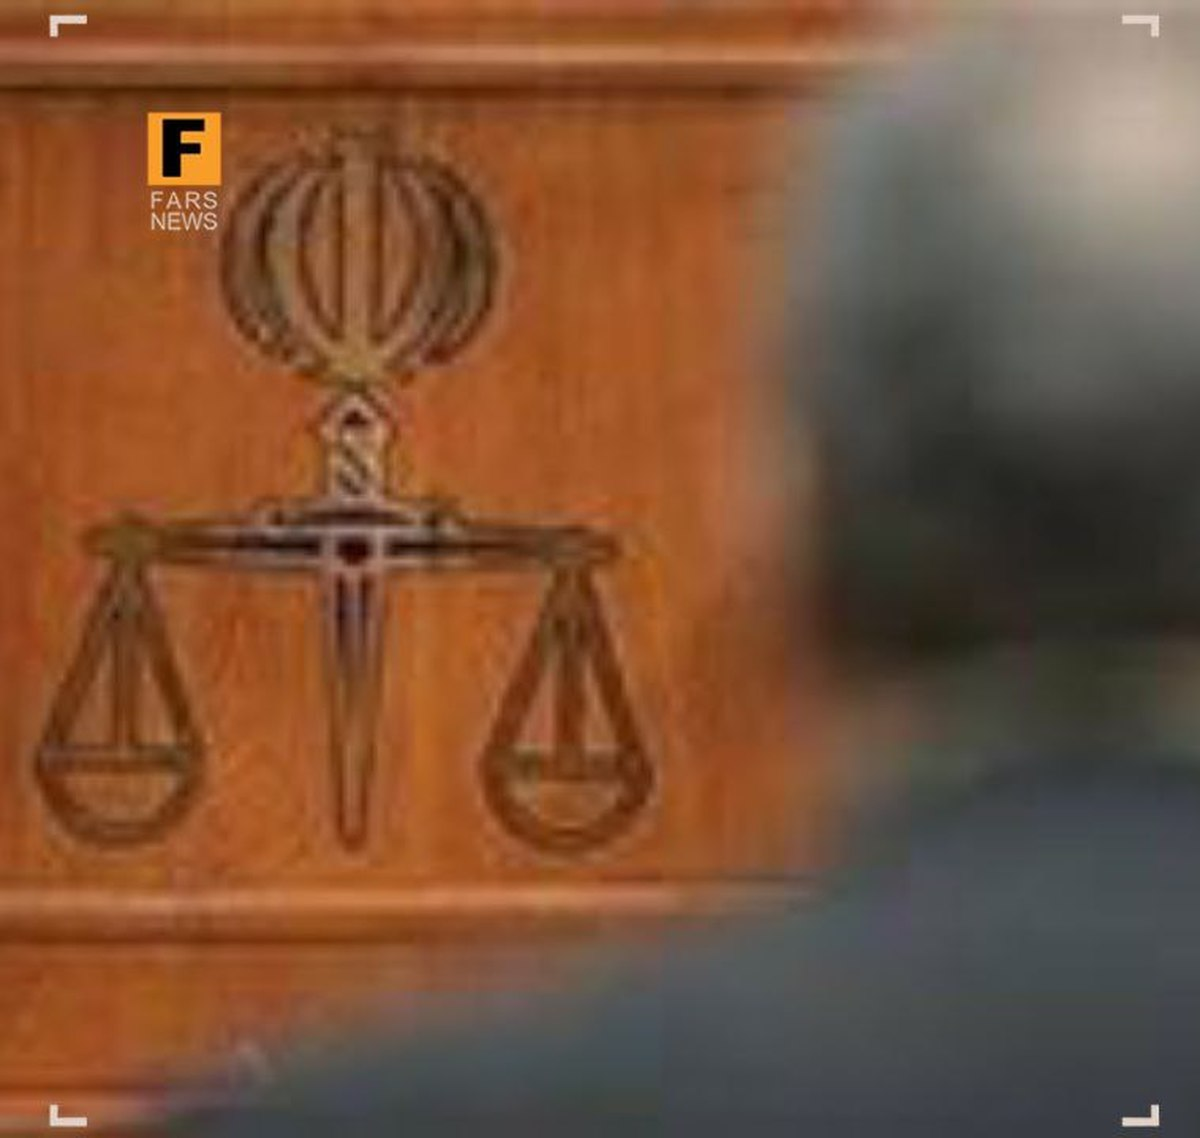 اخراج مدیر یک مجتمع قضایی با نظارت بازرسان